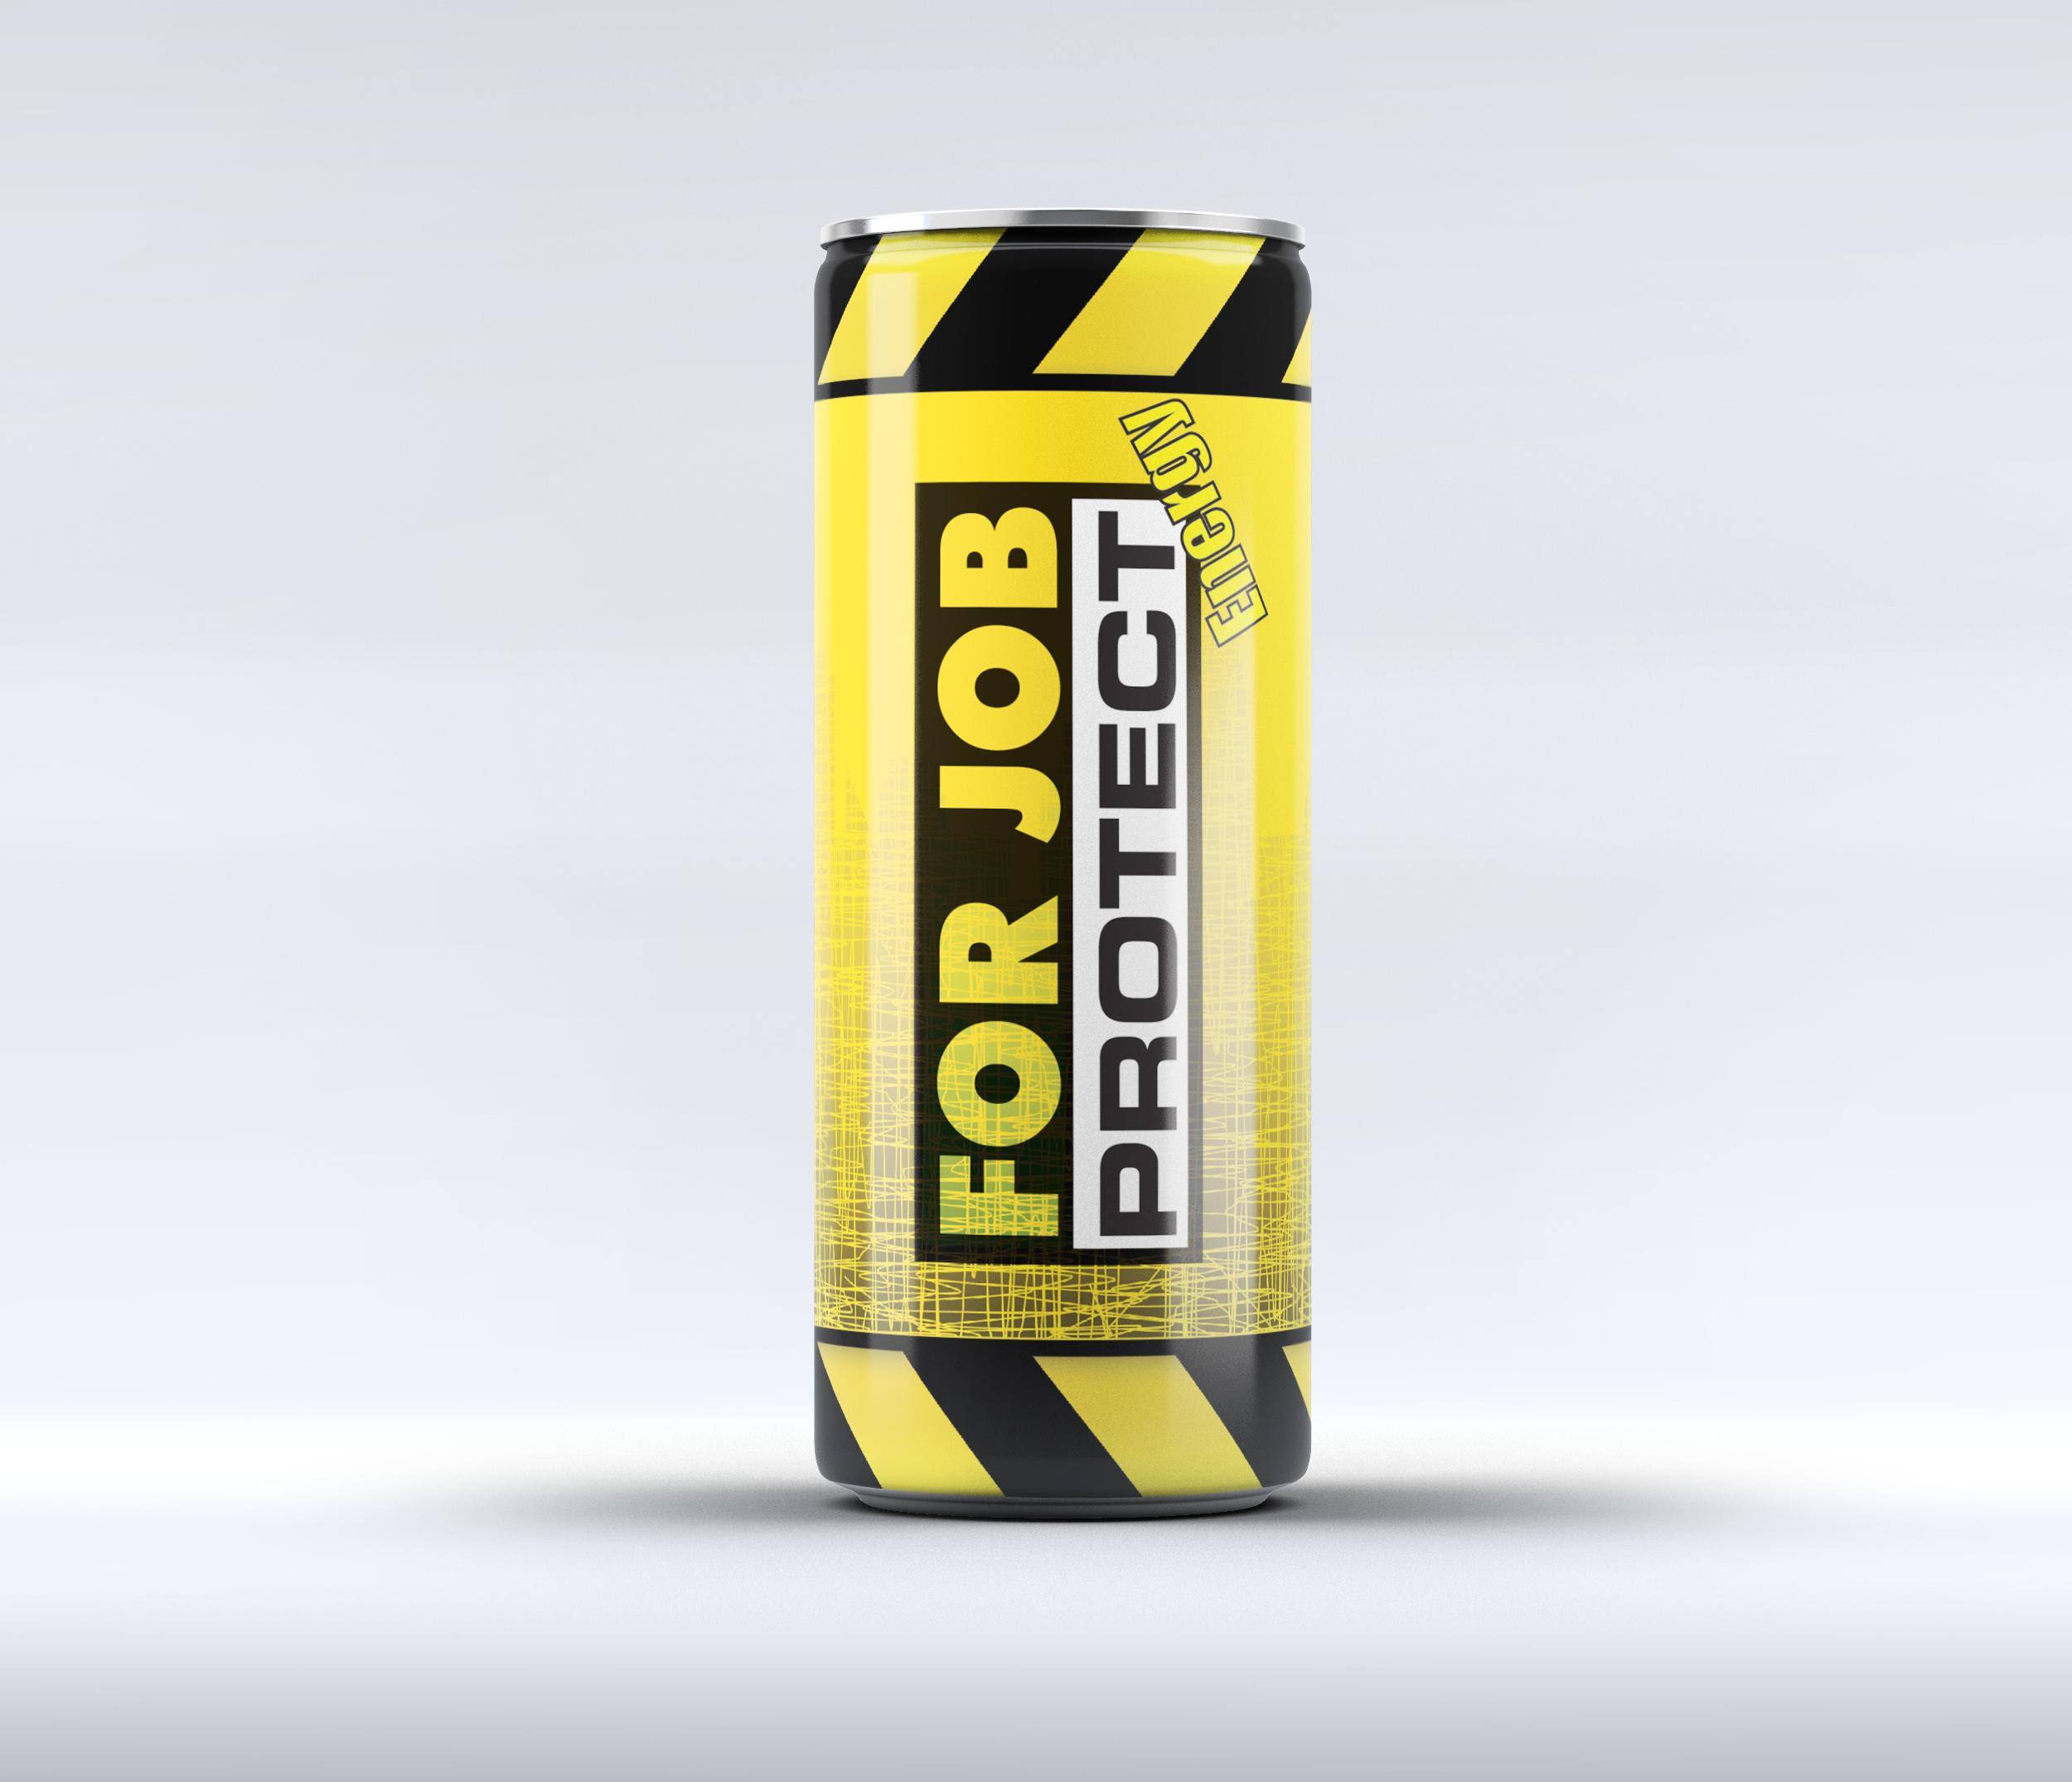 originální design na energy drinky